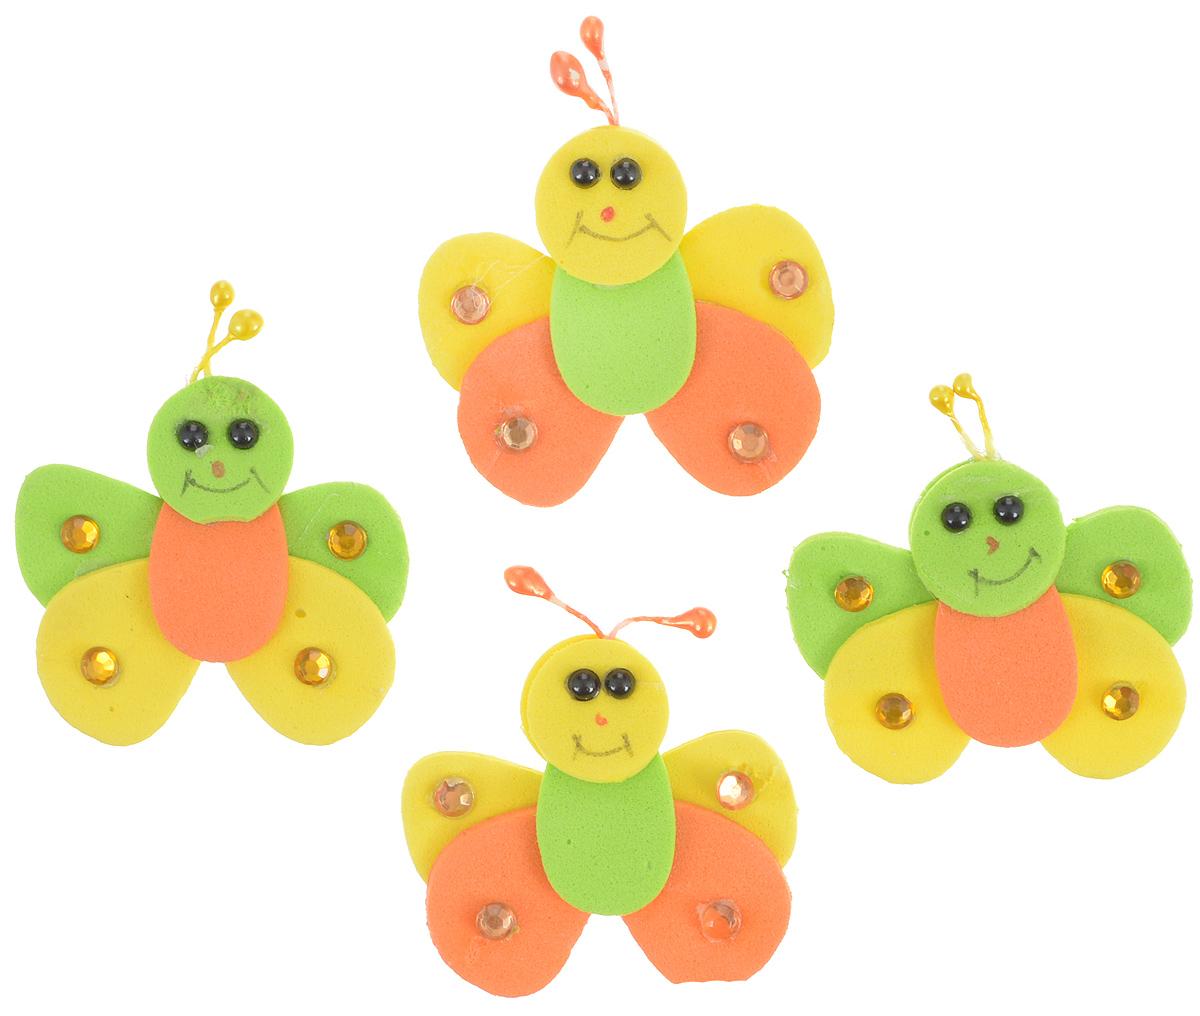 Набор для декорирования Home Queen Букашка, на клейкой основе, 4 шт58225_2Набор Home Queen Букашка состоит из 4 декоративных элементов, которые изготовлены из вспененной резины в виде букашек. Они крепятся практически на любую поверхность при помощи клейкой основы с обратной стороны. Изделия можно использовать для украшения яиц, посуды, цветочных горшков, ваз и многого другого. Творчество способно приносить массу приятных эмоций не только человеку, который этим занимается, но и его близким, друзьям, родным. Набор Home Queen Букашка красиво дополнит интерьер и создаст теплую весеннюю атмосферу. Отлично подойдет для декора дома к Пасхе. Размер элемента: 4 х 5 см.